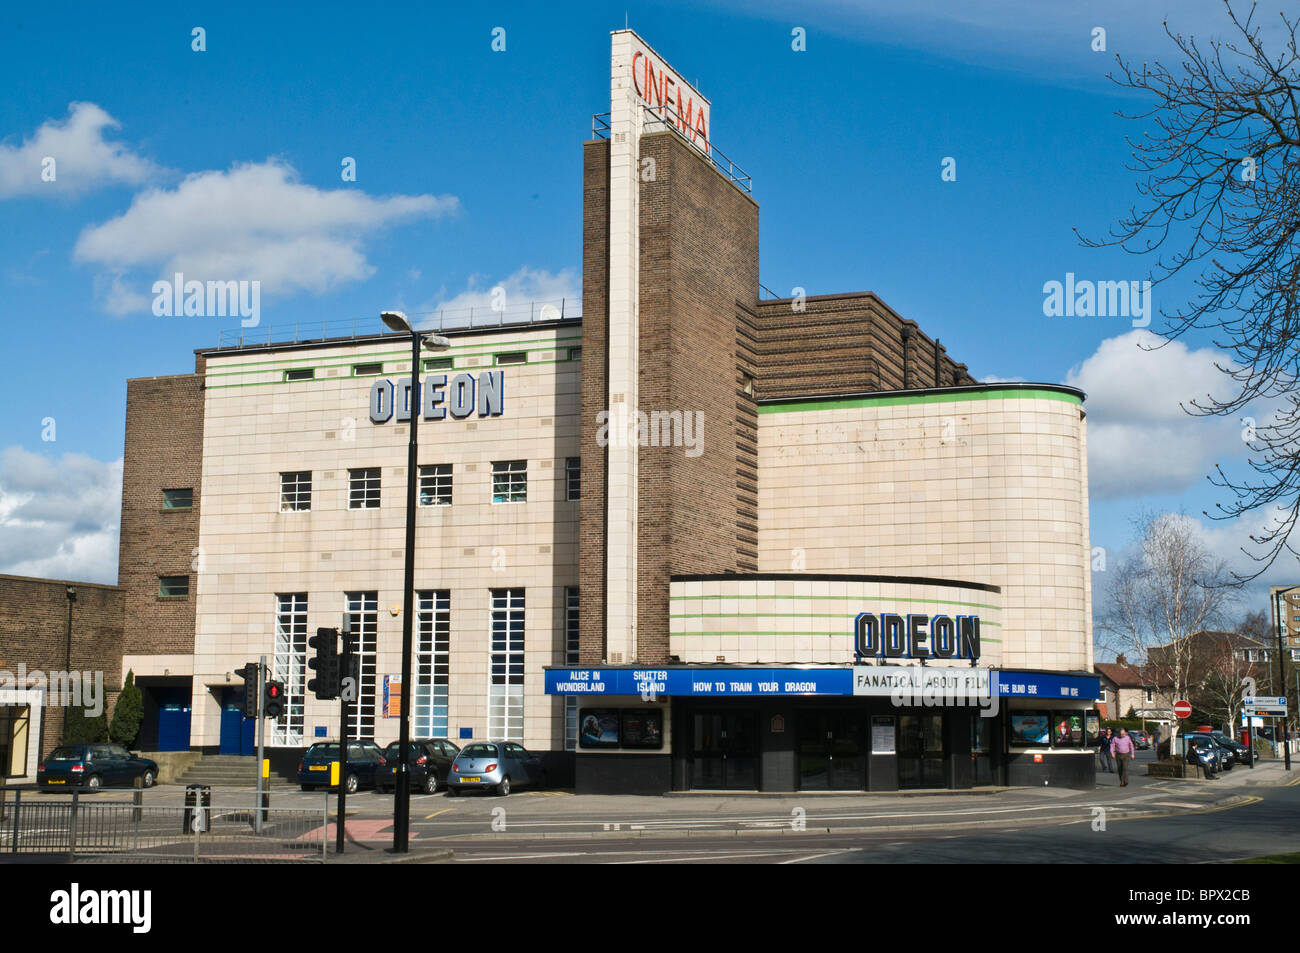 Dh HARROGATE North Yorkshire cinema Odeon artdeco film theatre edificio art deco England Regno Unito Immagini Stock